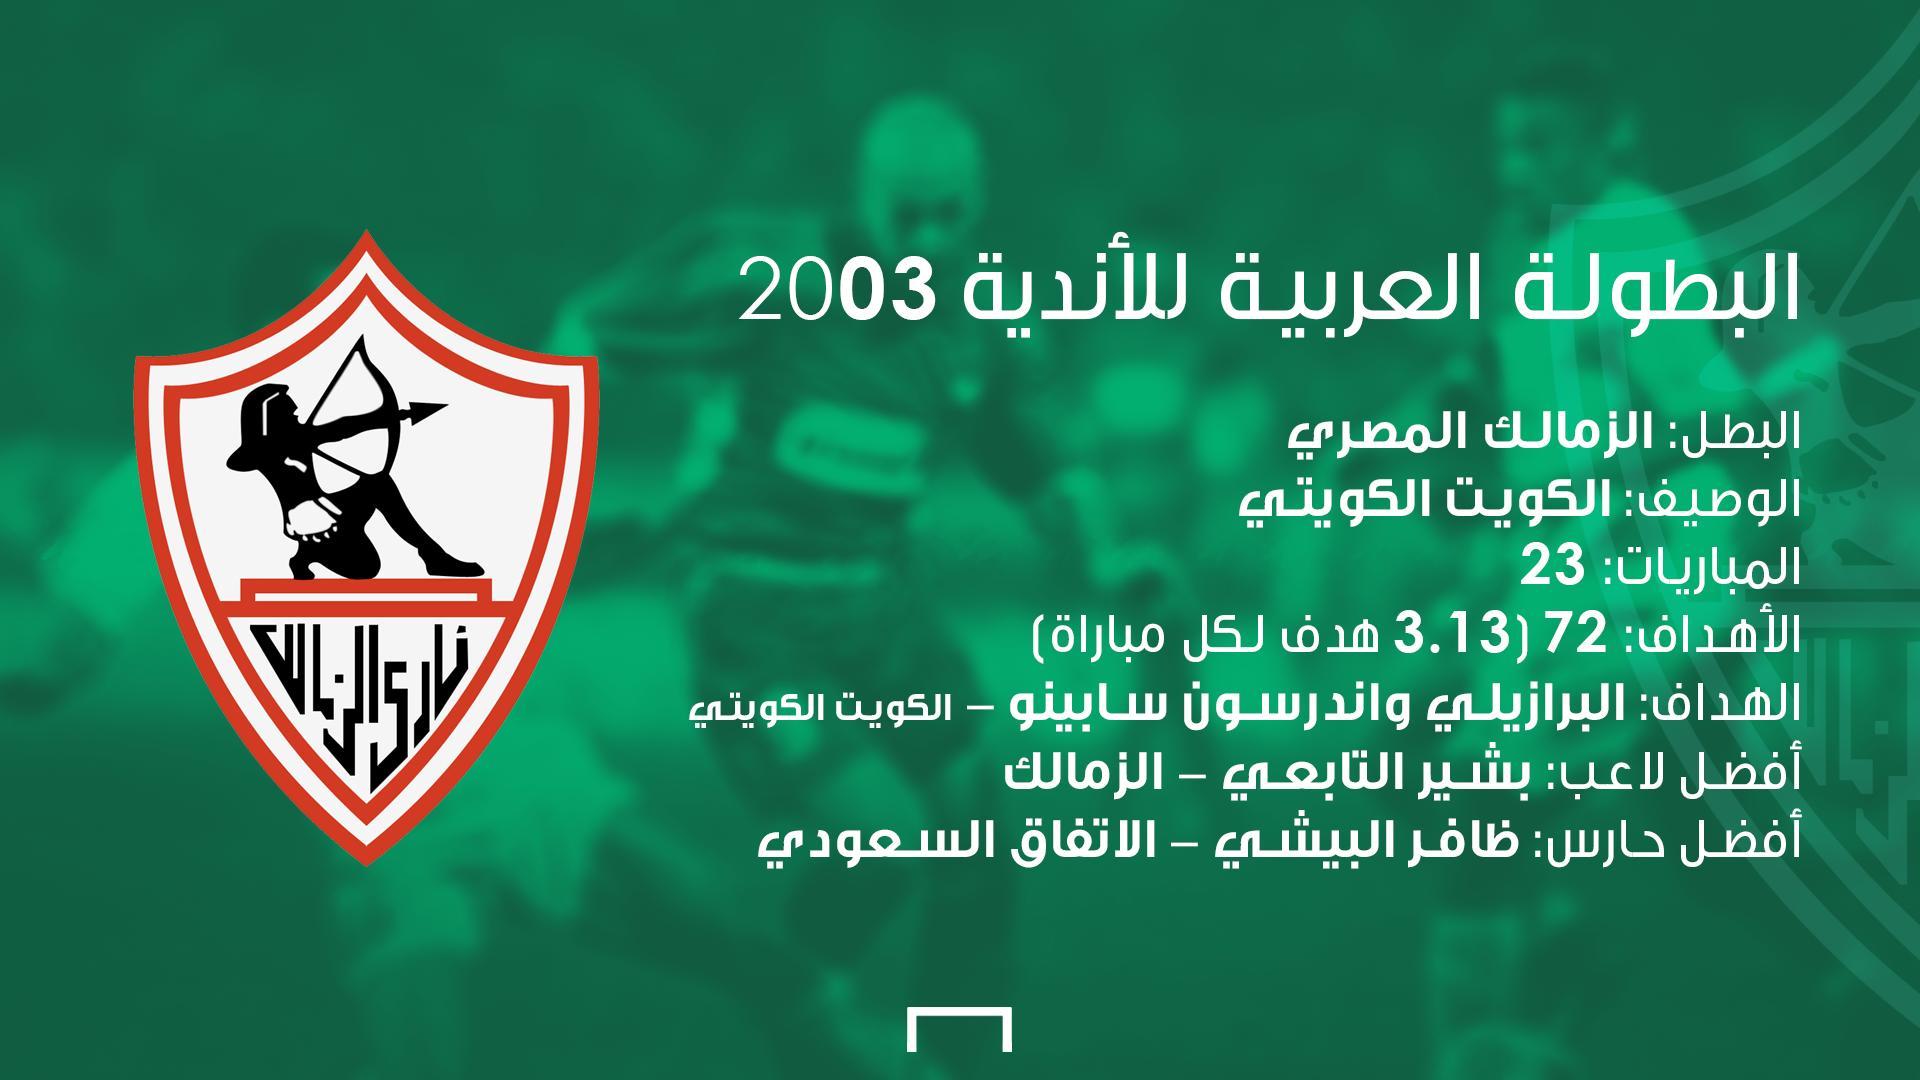 البطولة العربية 2003